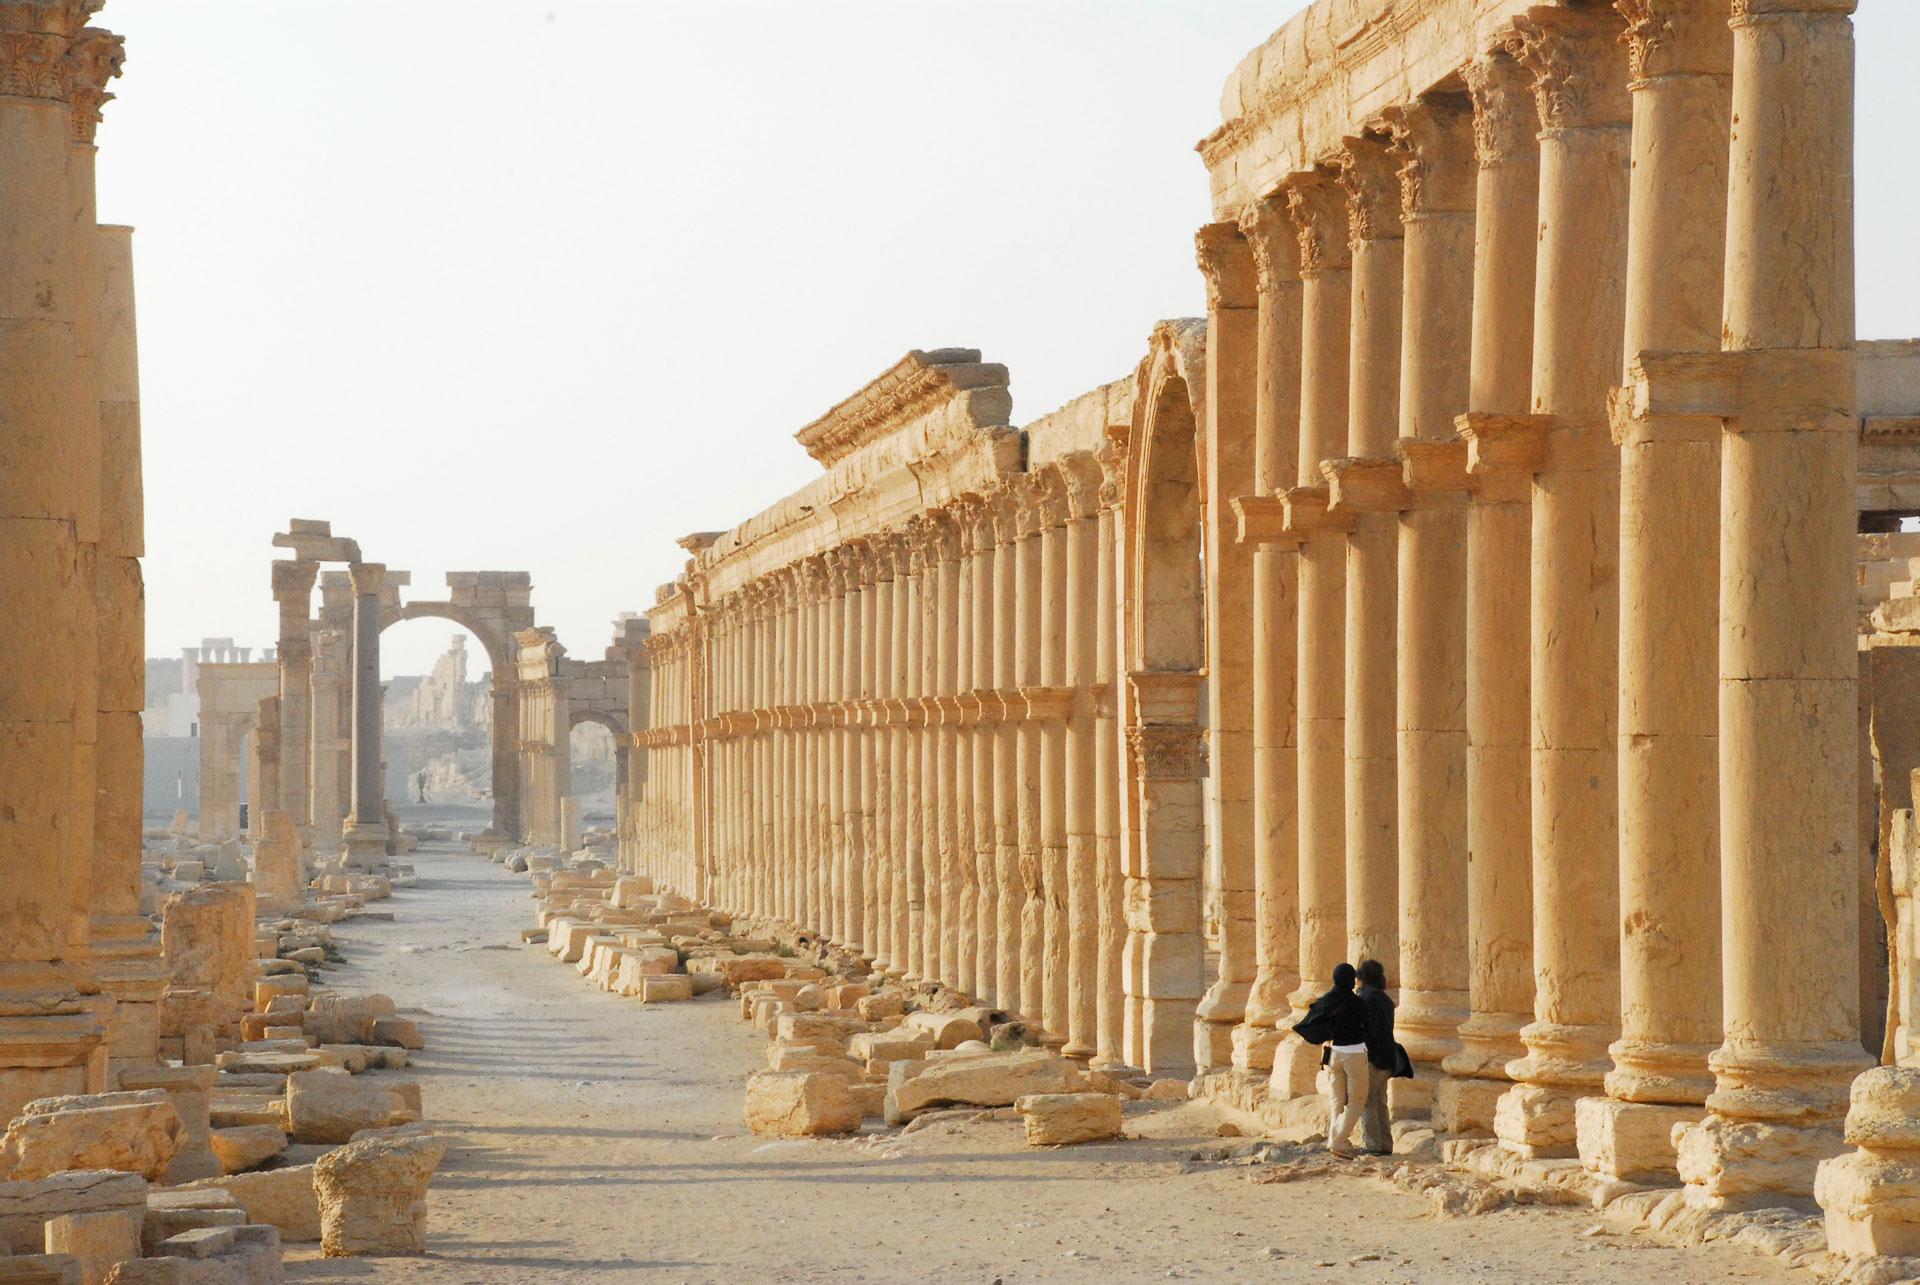 Cosa vedere a segesta e selinunte i templi di sicilia for Citta della siria che da nome a un pino